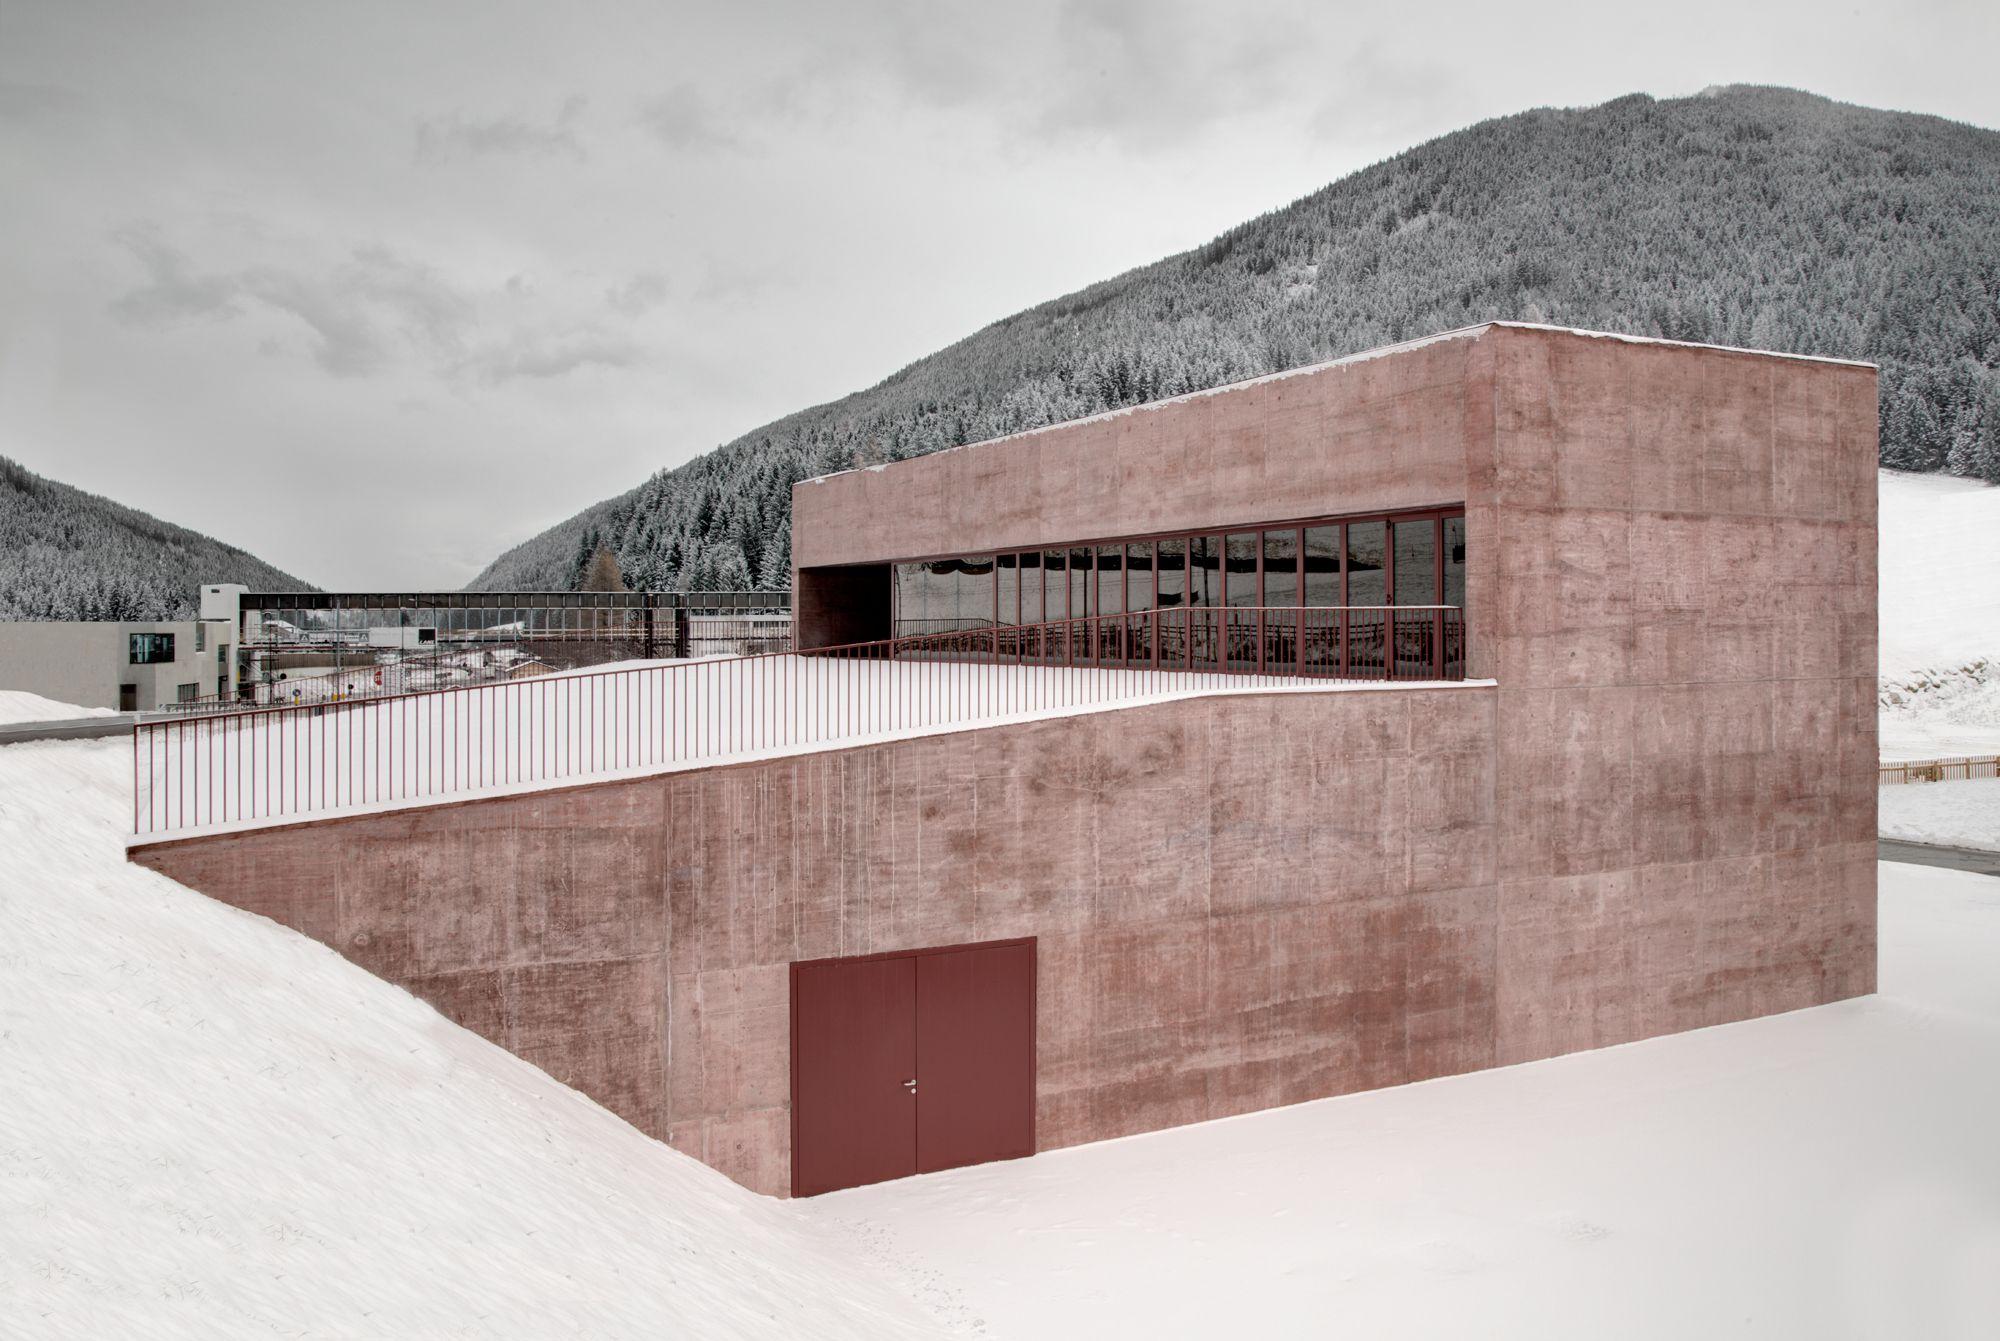 Rötlicher Monolith: Feuerwehrhaus von Pedevilla Architects